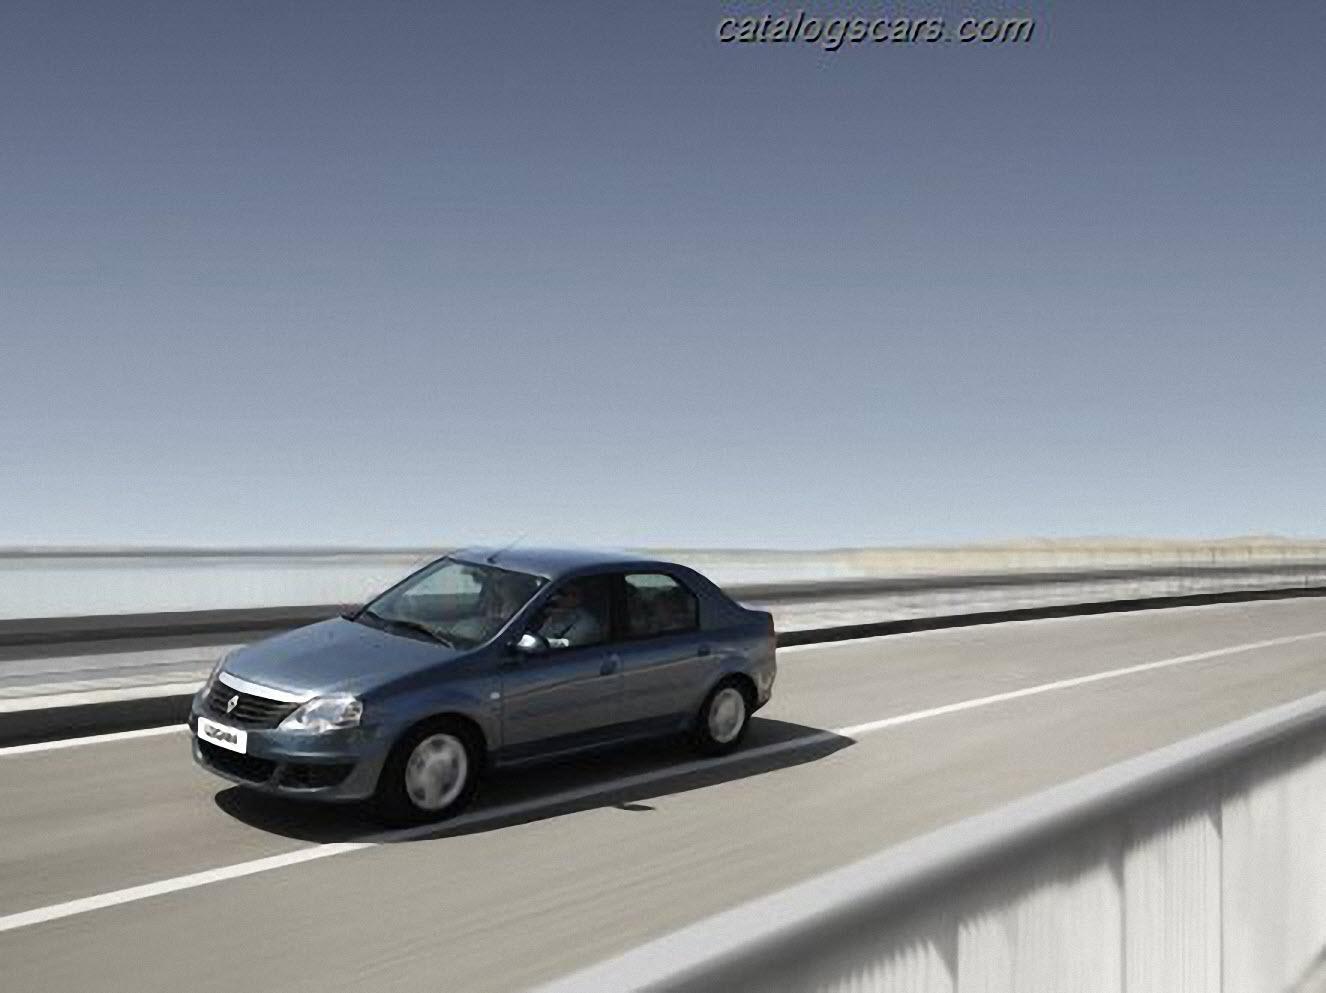 صور سيارة رينو لوجان 2012 - اجمل خلفيات صور عربية رينو لوجان 2012 - Renault Logan Photos Renault-Logan_2012_800x600_wallpaper_22.jpg